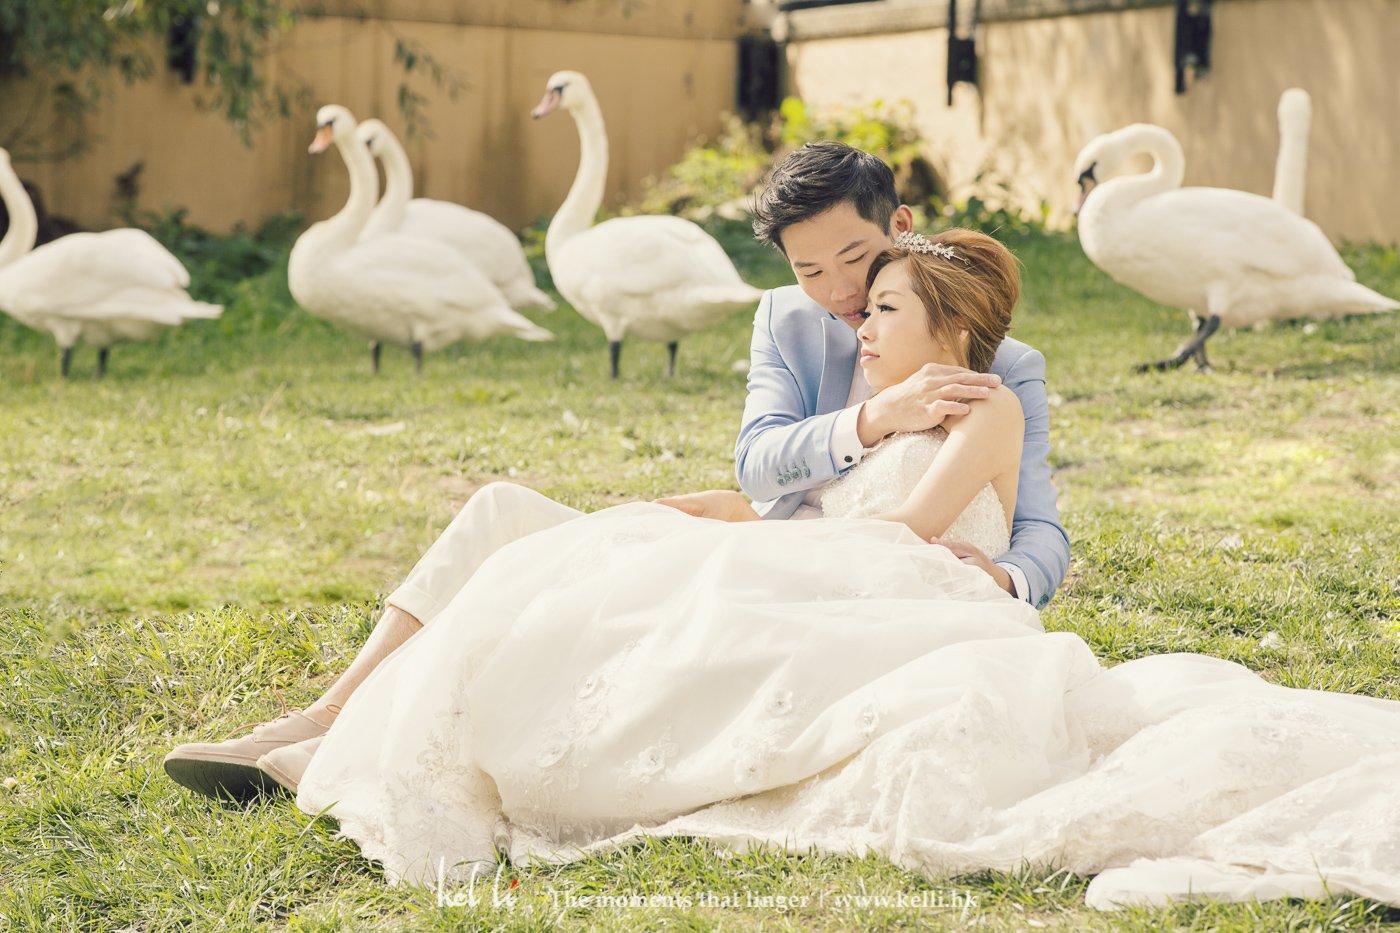 用天鹅作背景来衬托新人的婚纱相片